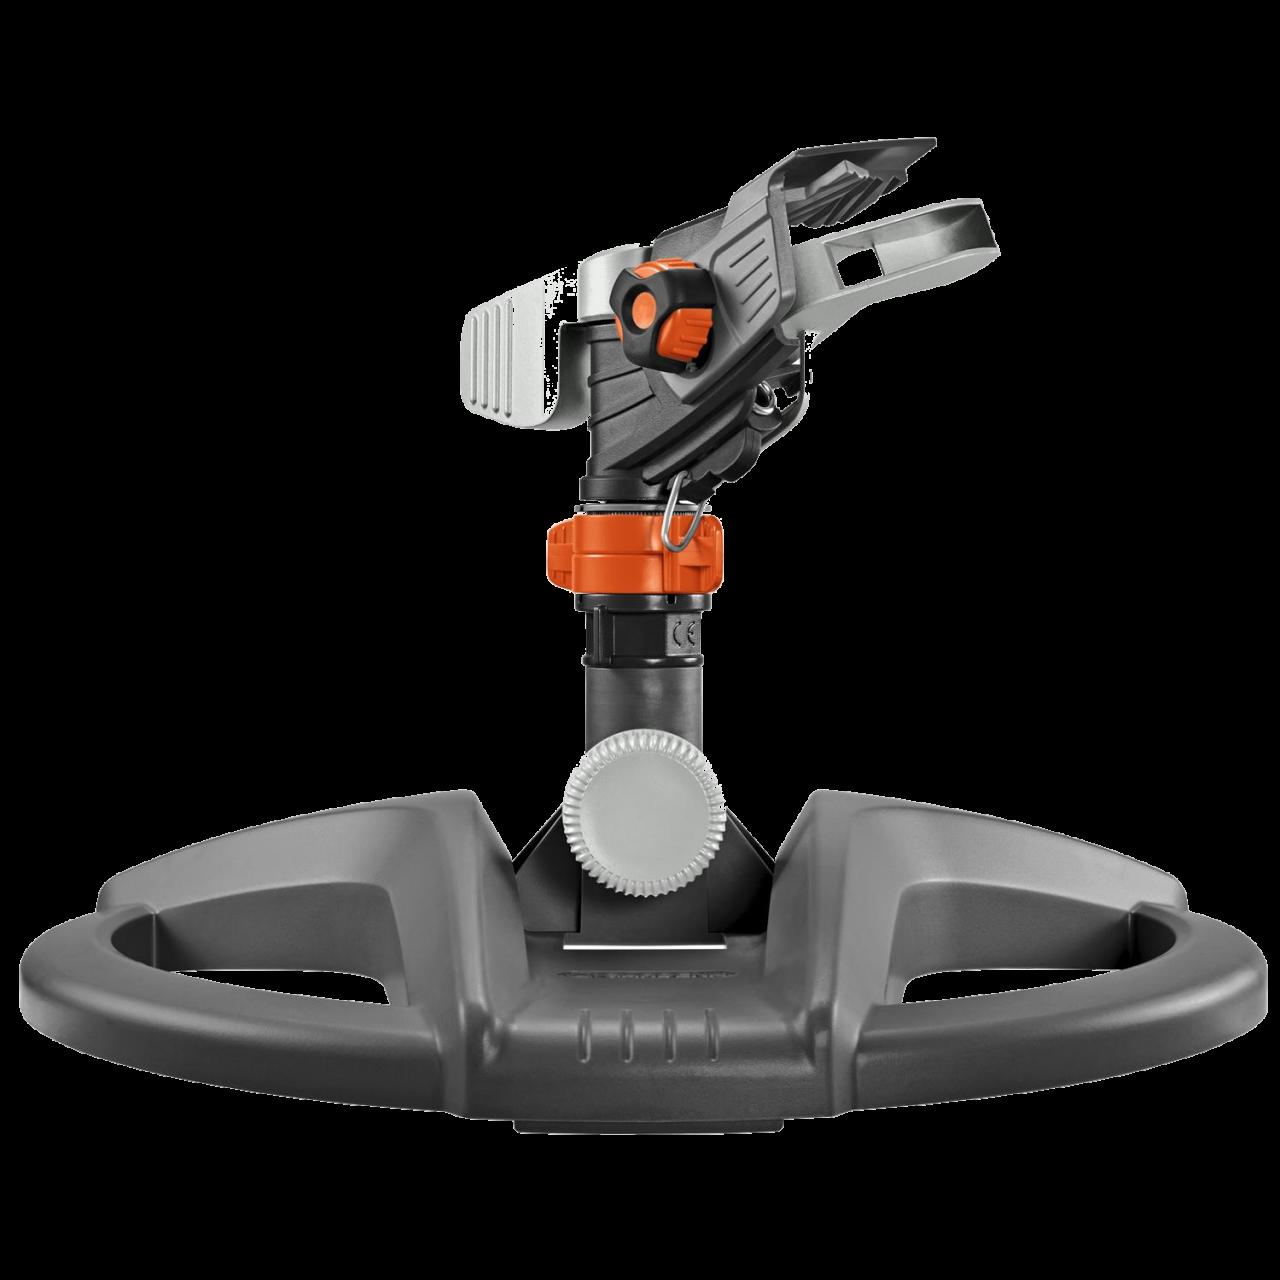 Gardena 8135-20 Premium Impuls-, Kreis- und Sektorenregner mit Schlitten 490m²